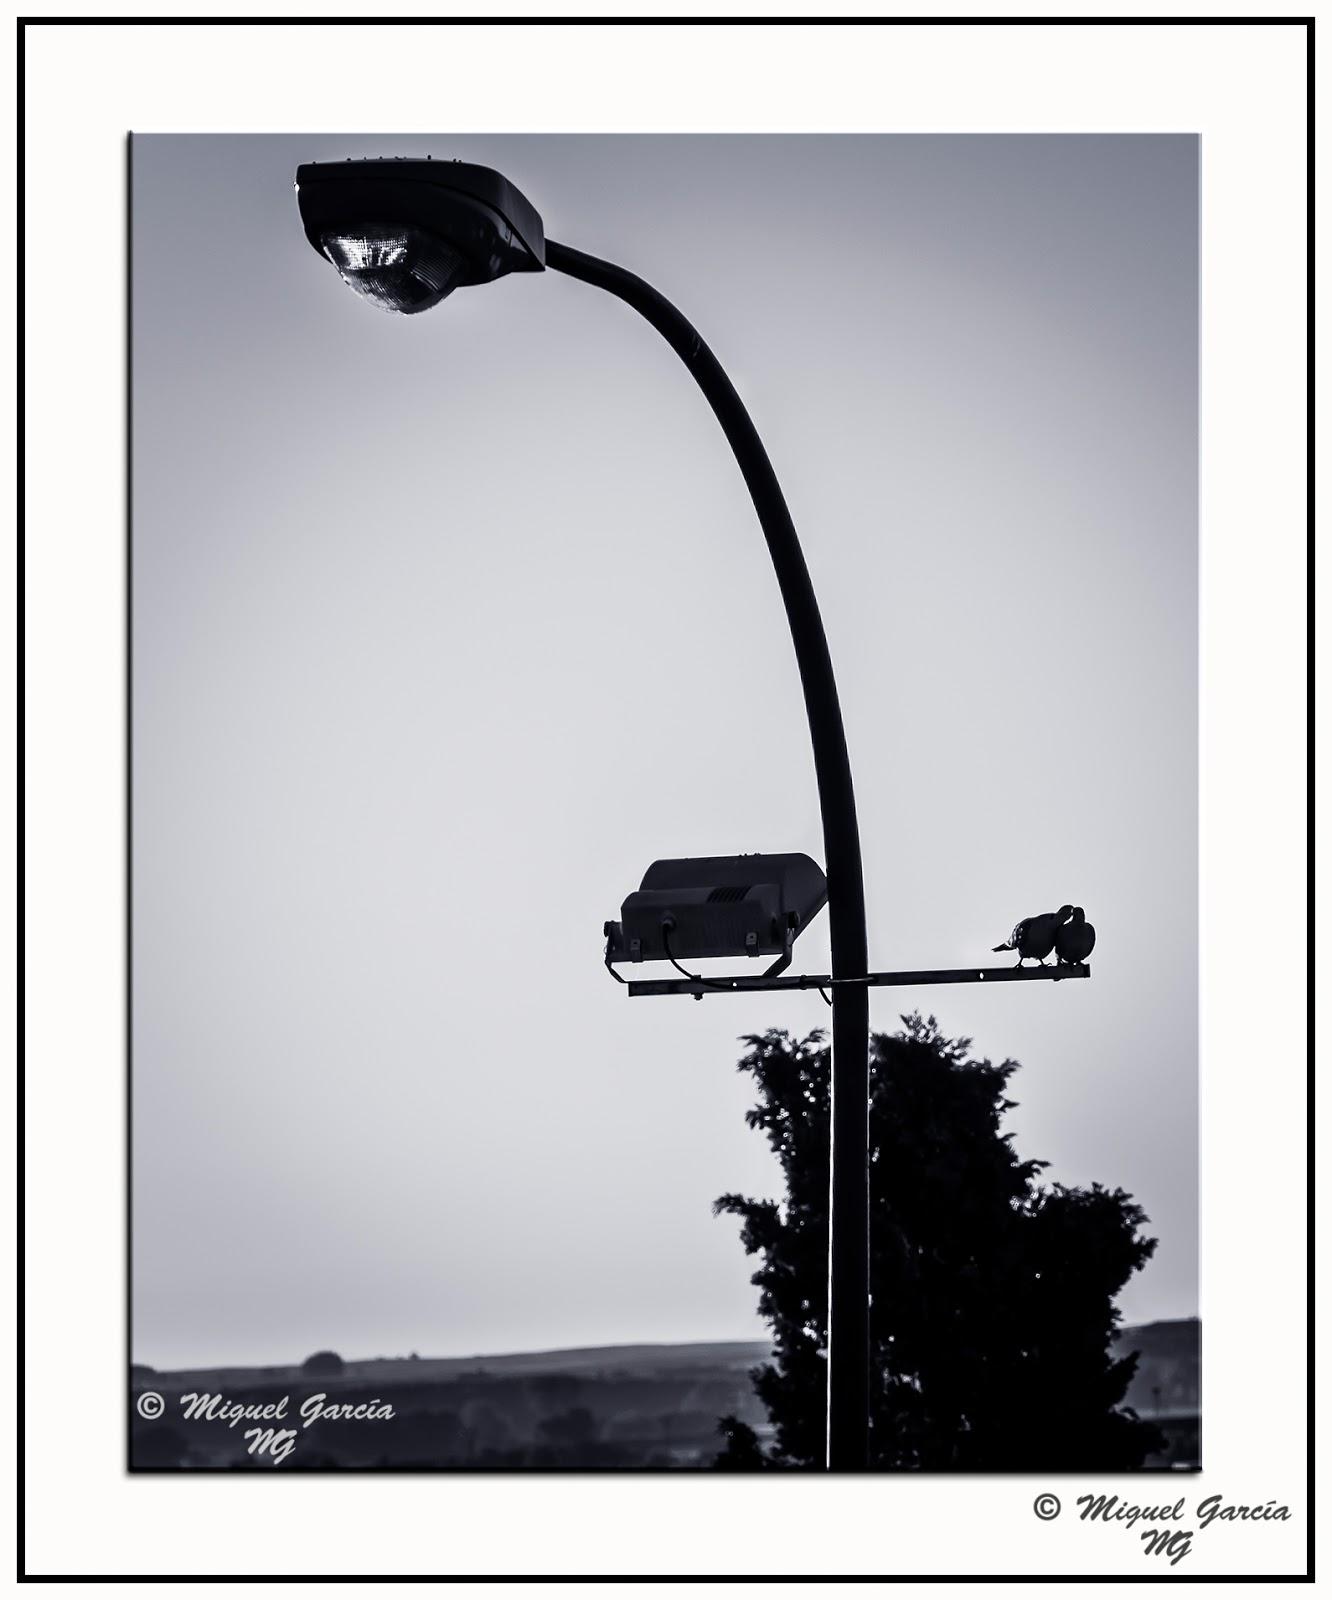 El ojo de cristal fotograf a amateur bodegones objetos for Objetos para banarse